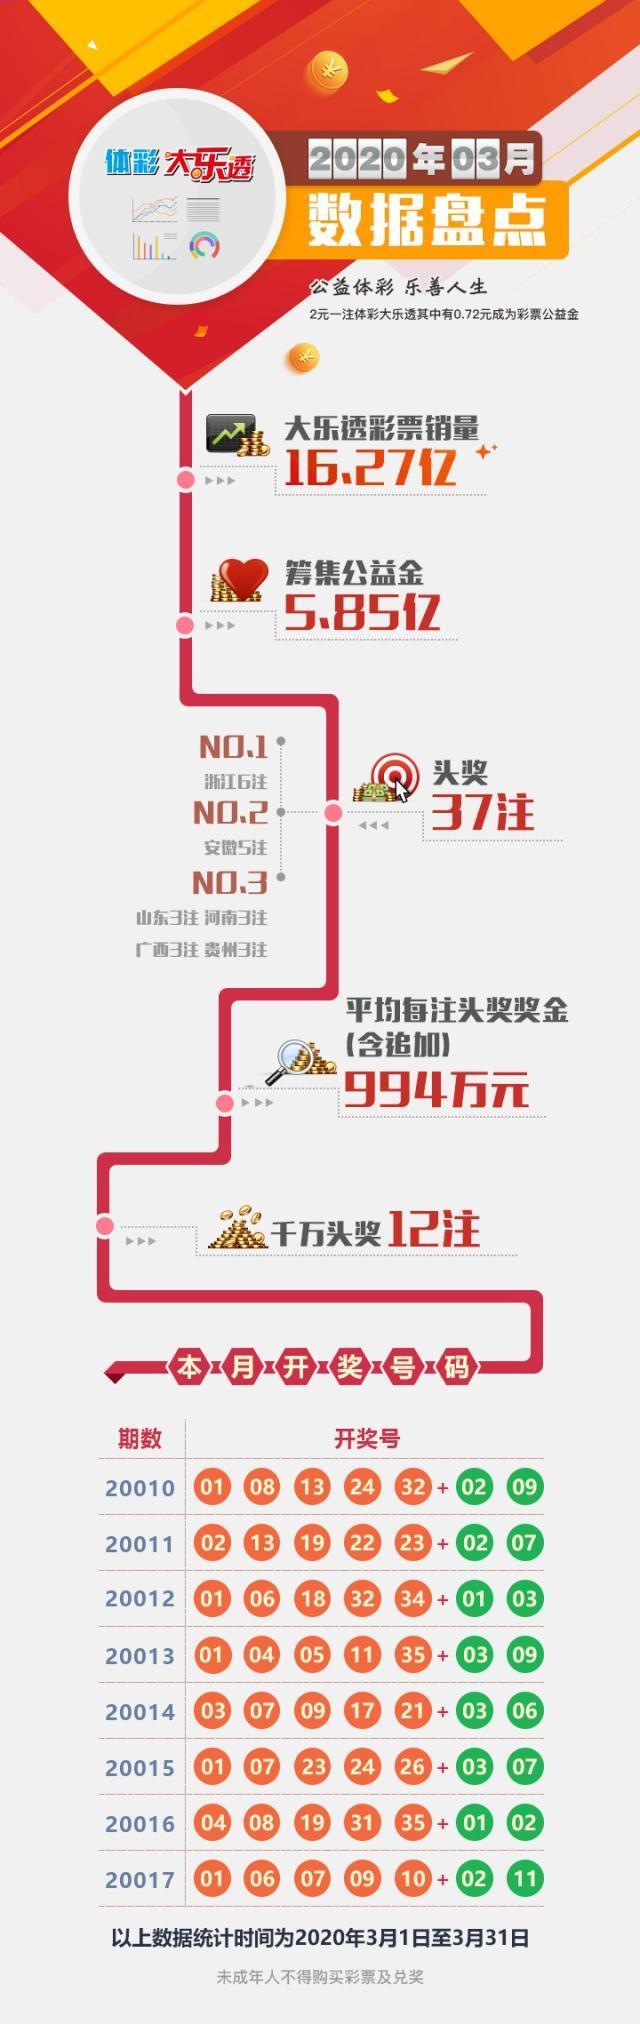 第四篇-体彩大乐透数据盘点-三月.jpg